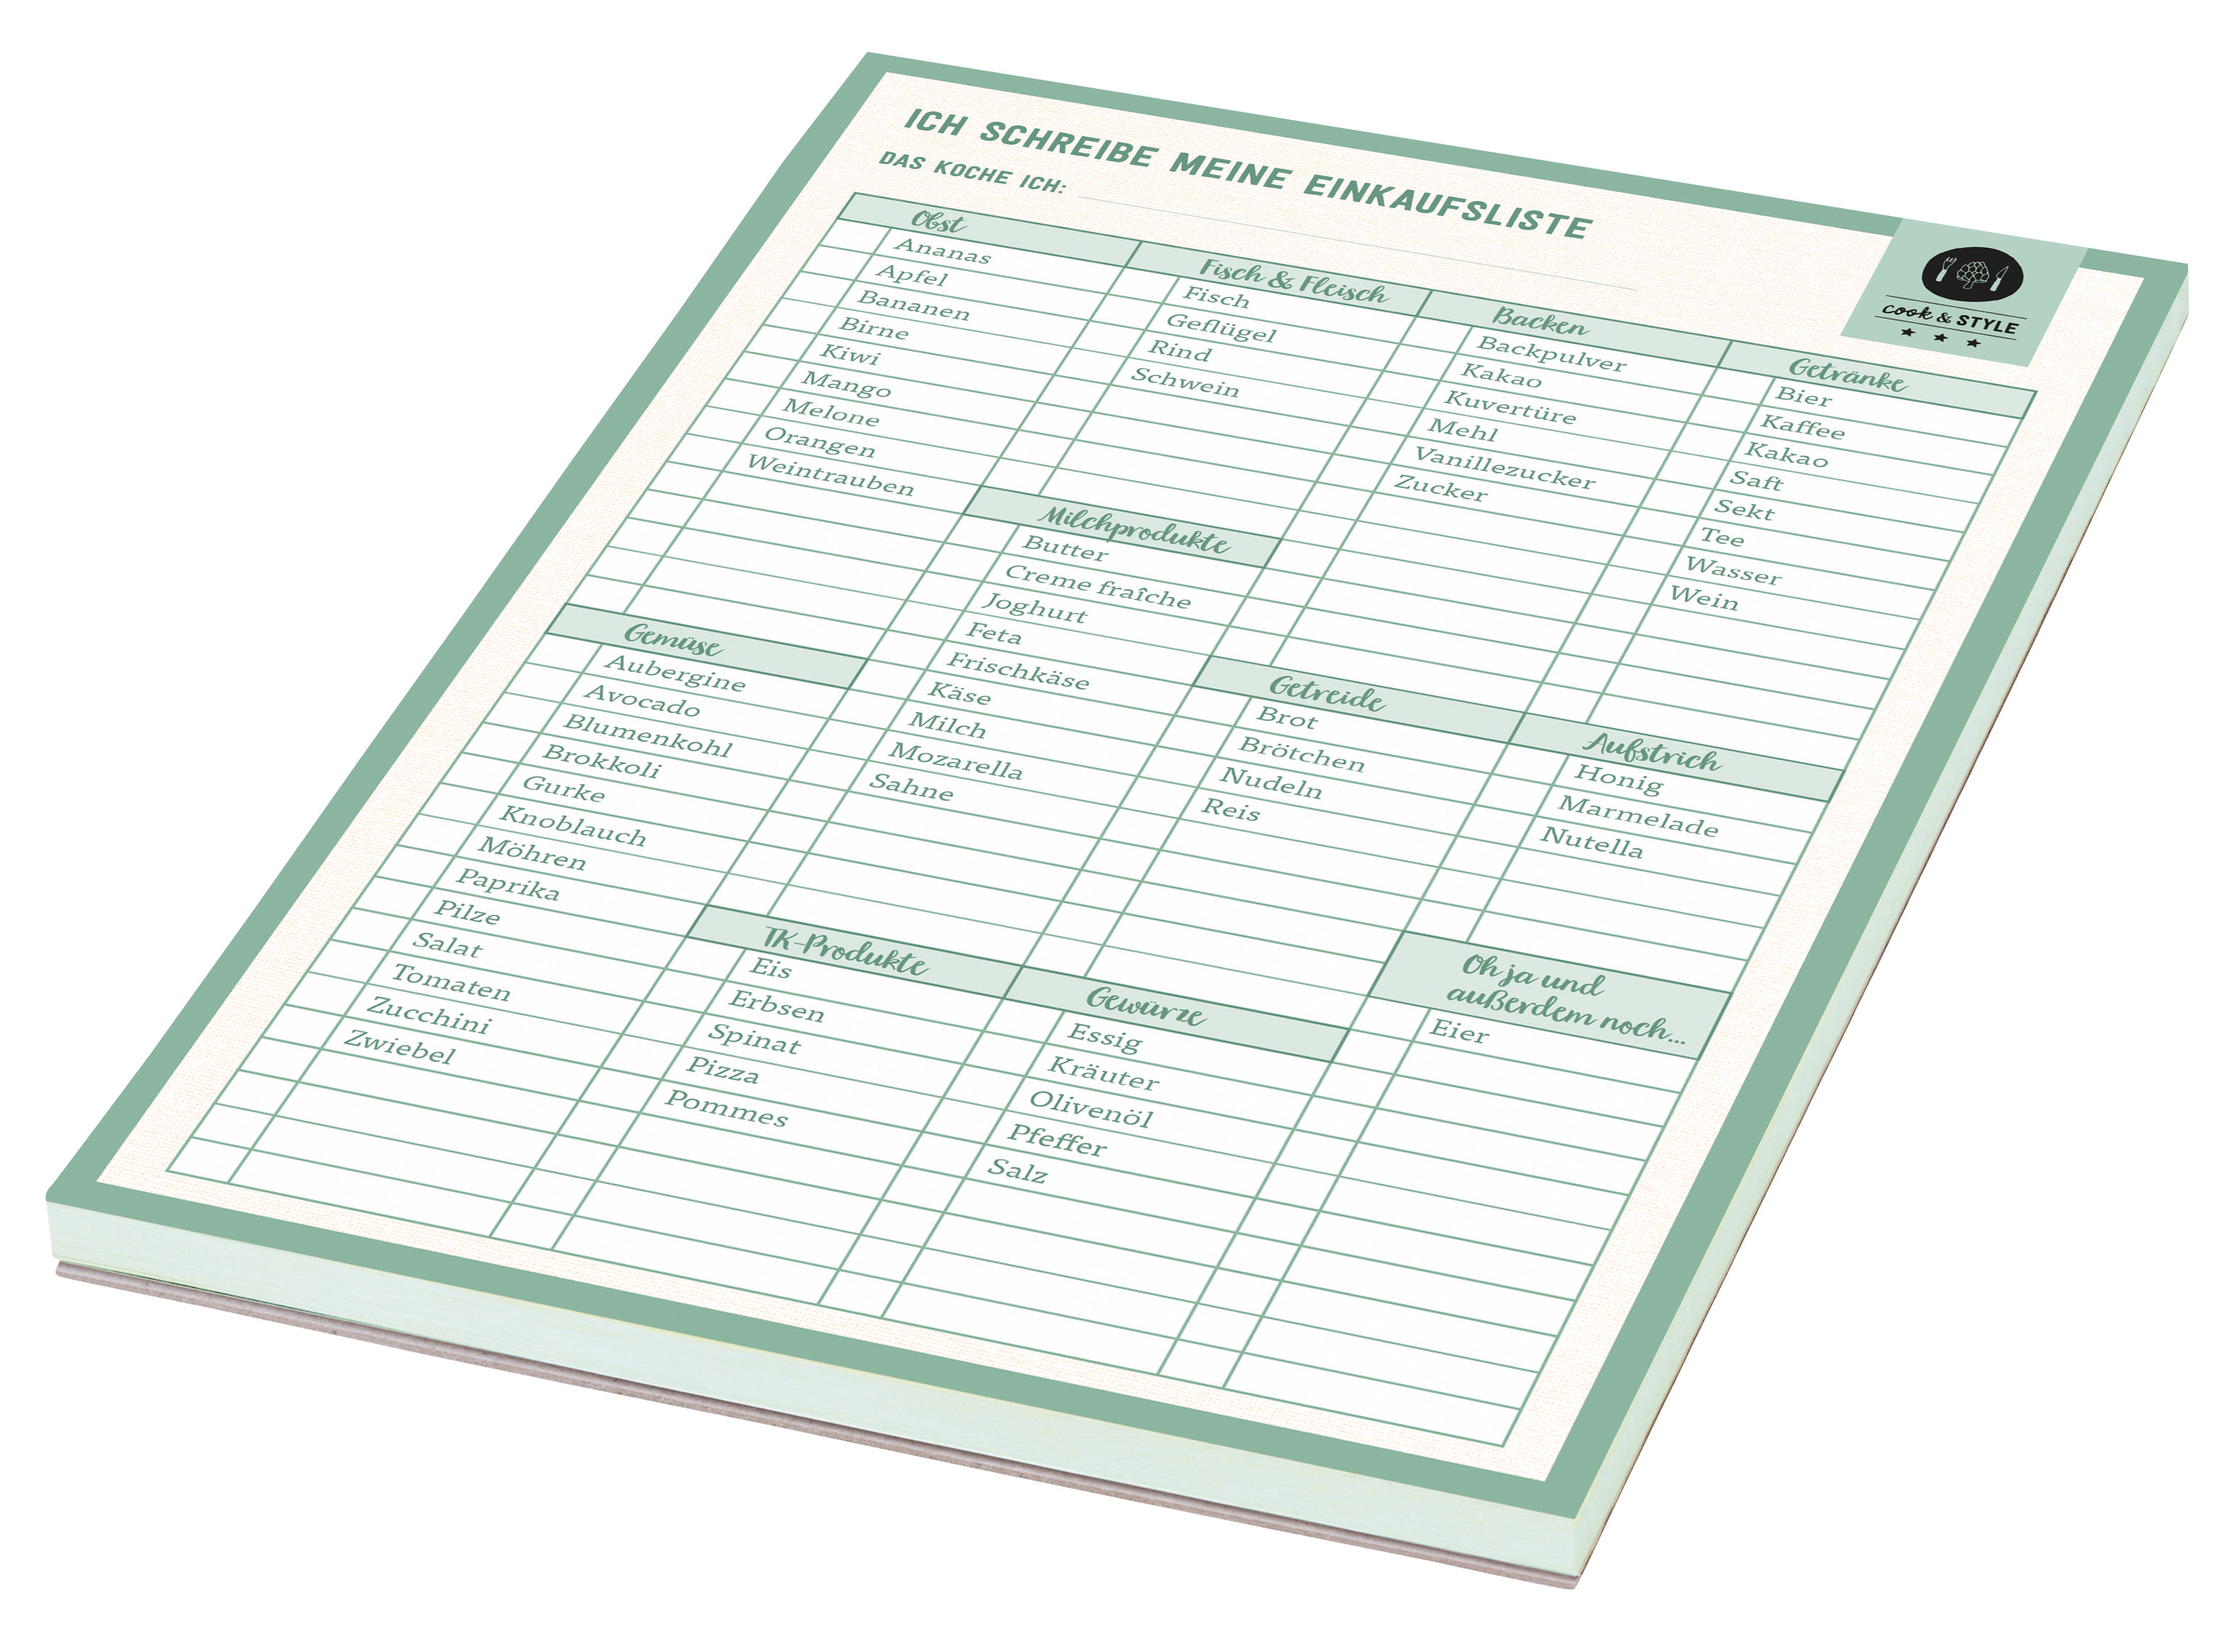 cook & STYLE Meine Einkaufsliste Notizblock